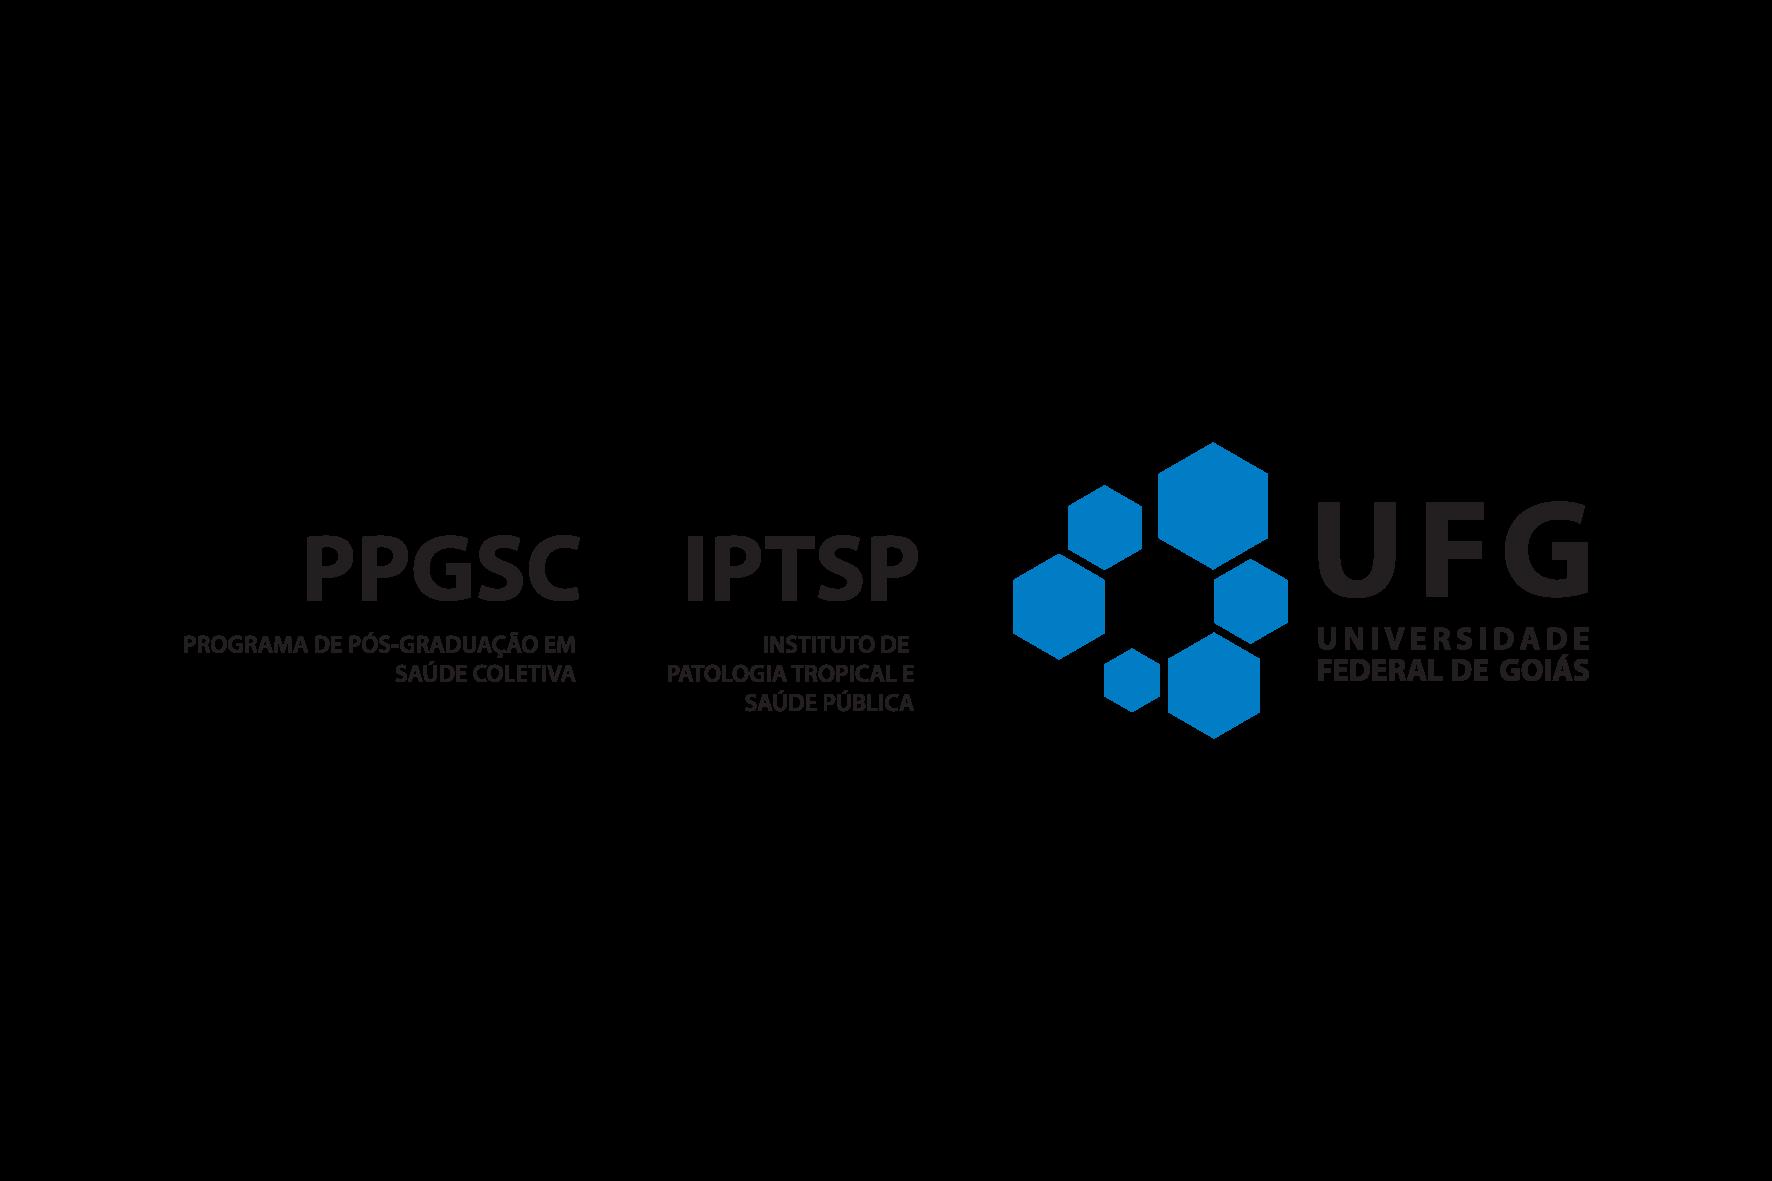 Logo PPGSC